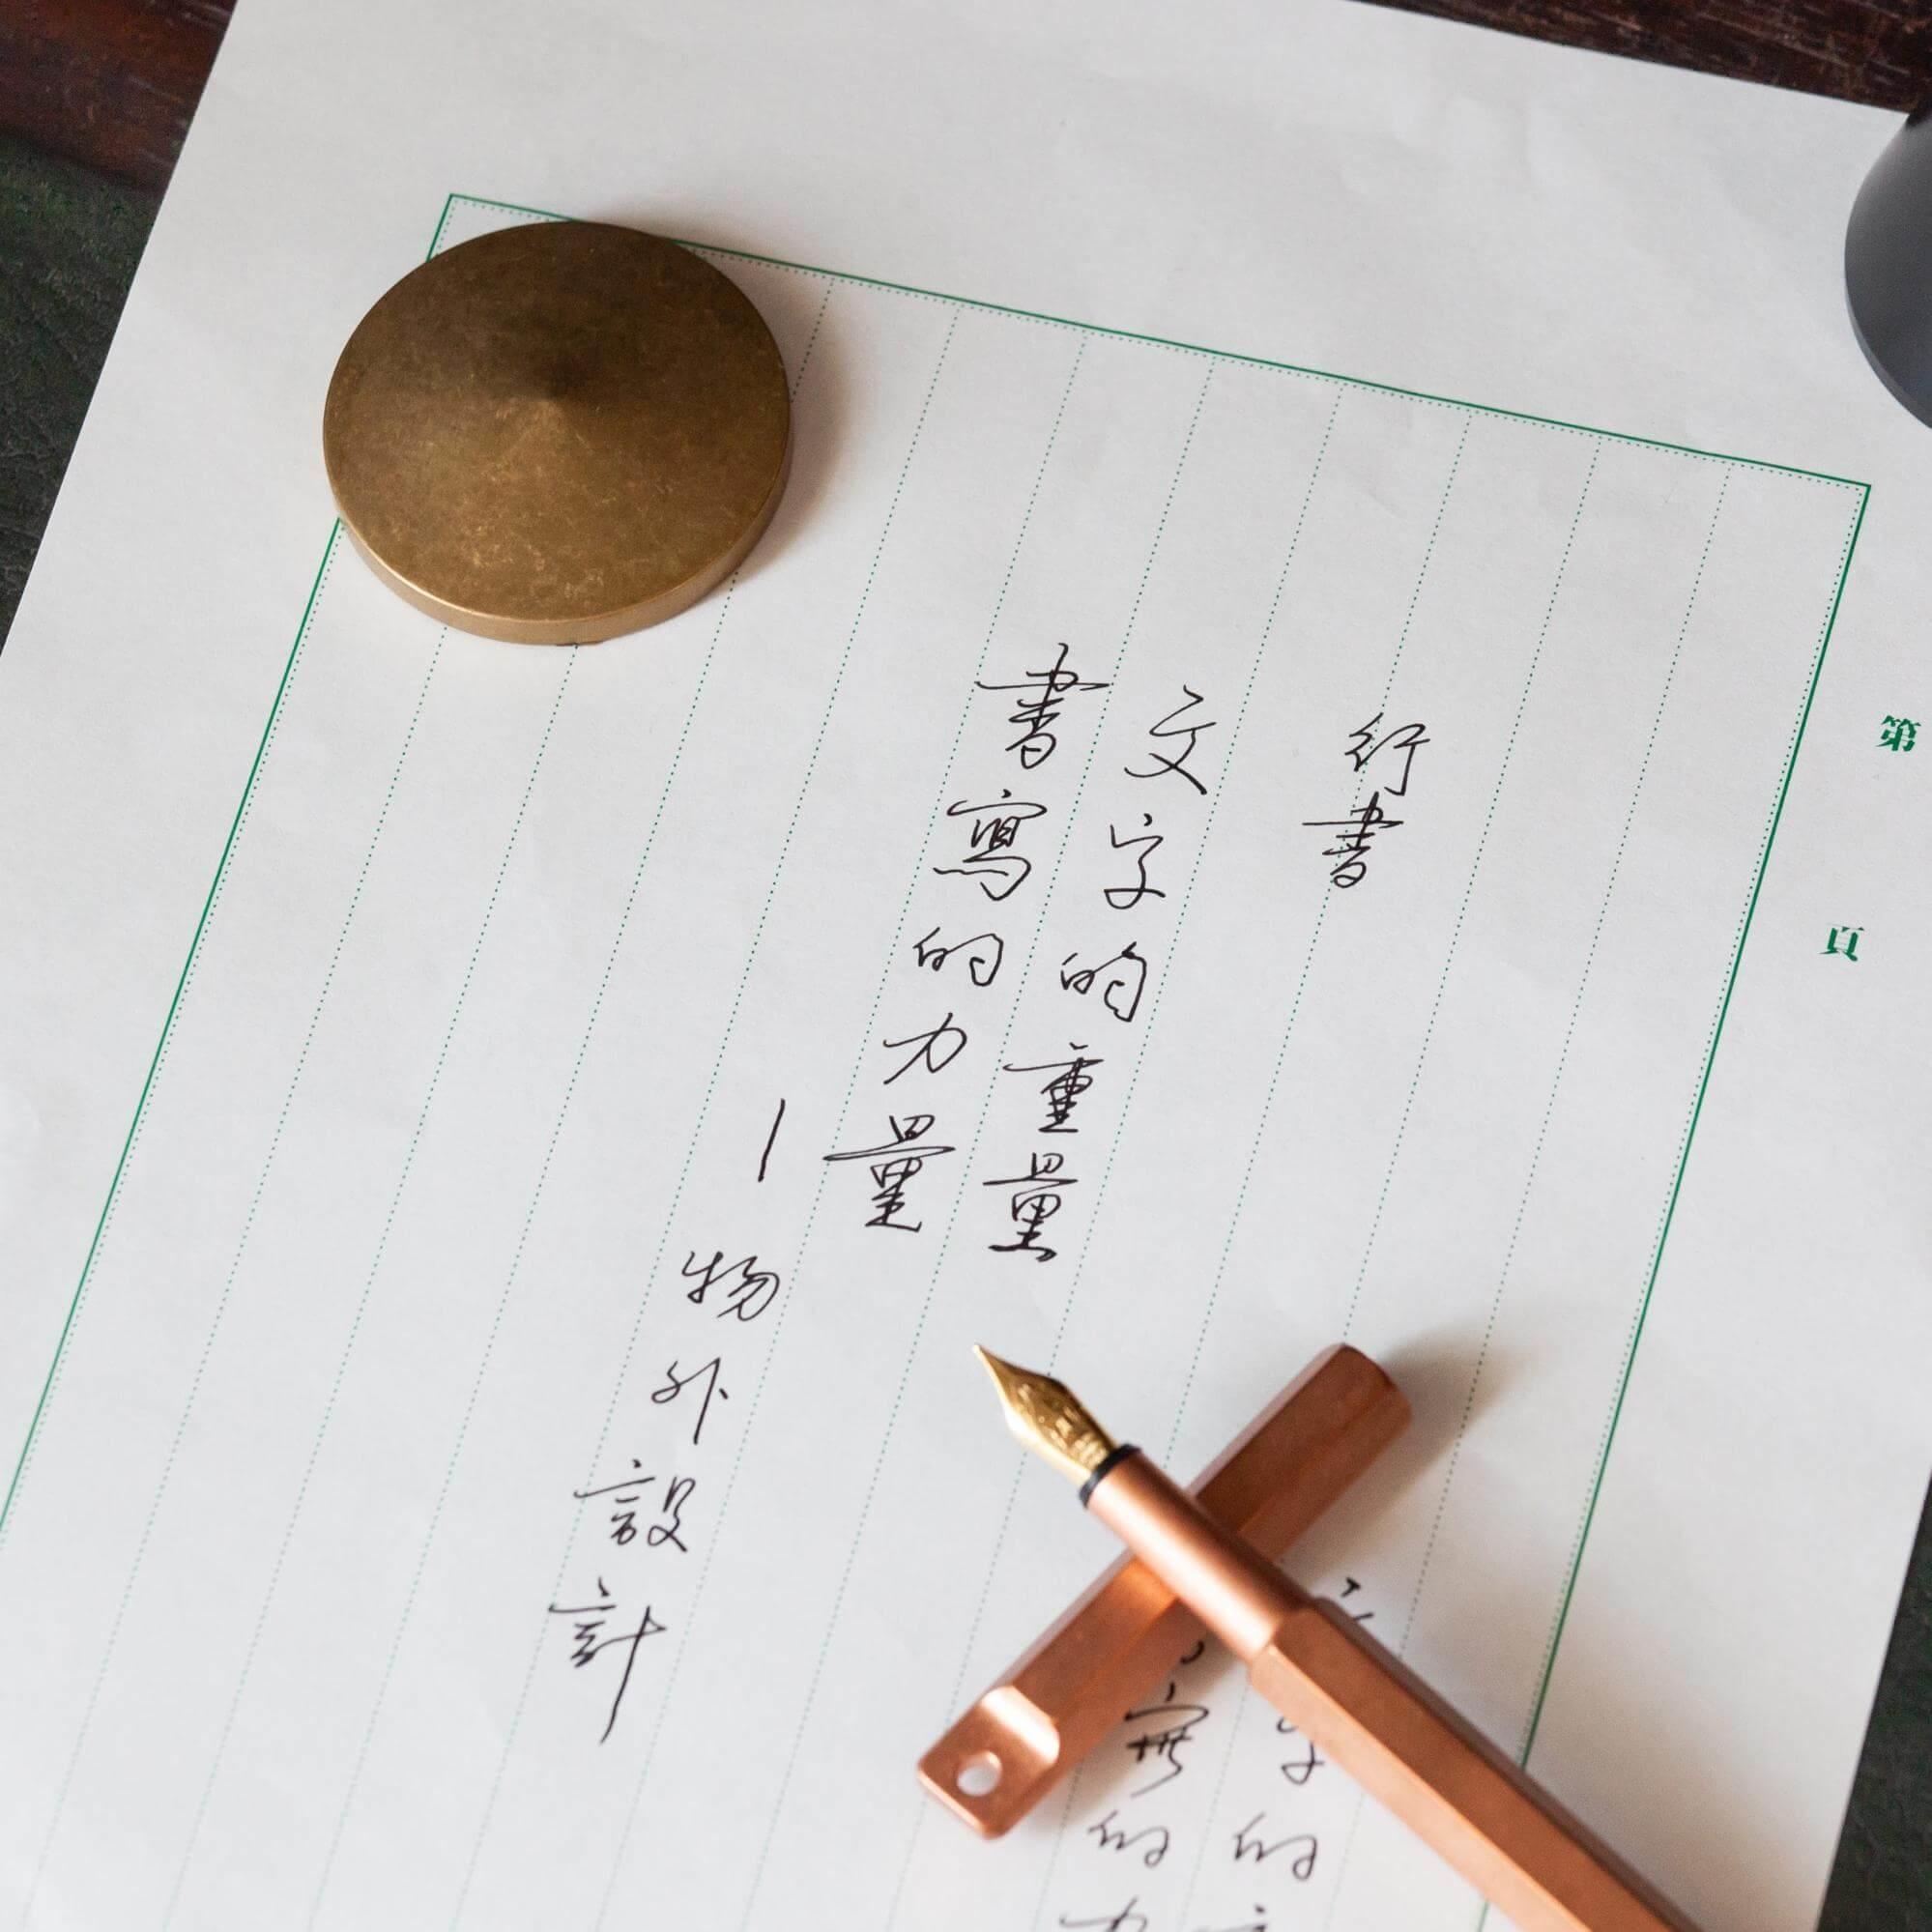 手寫字練習字體:行書